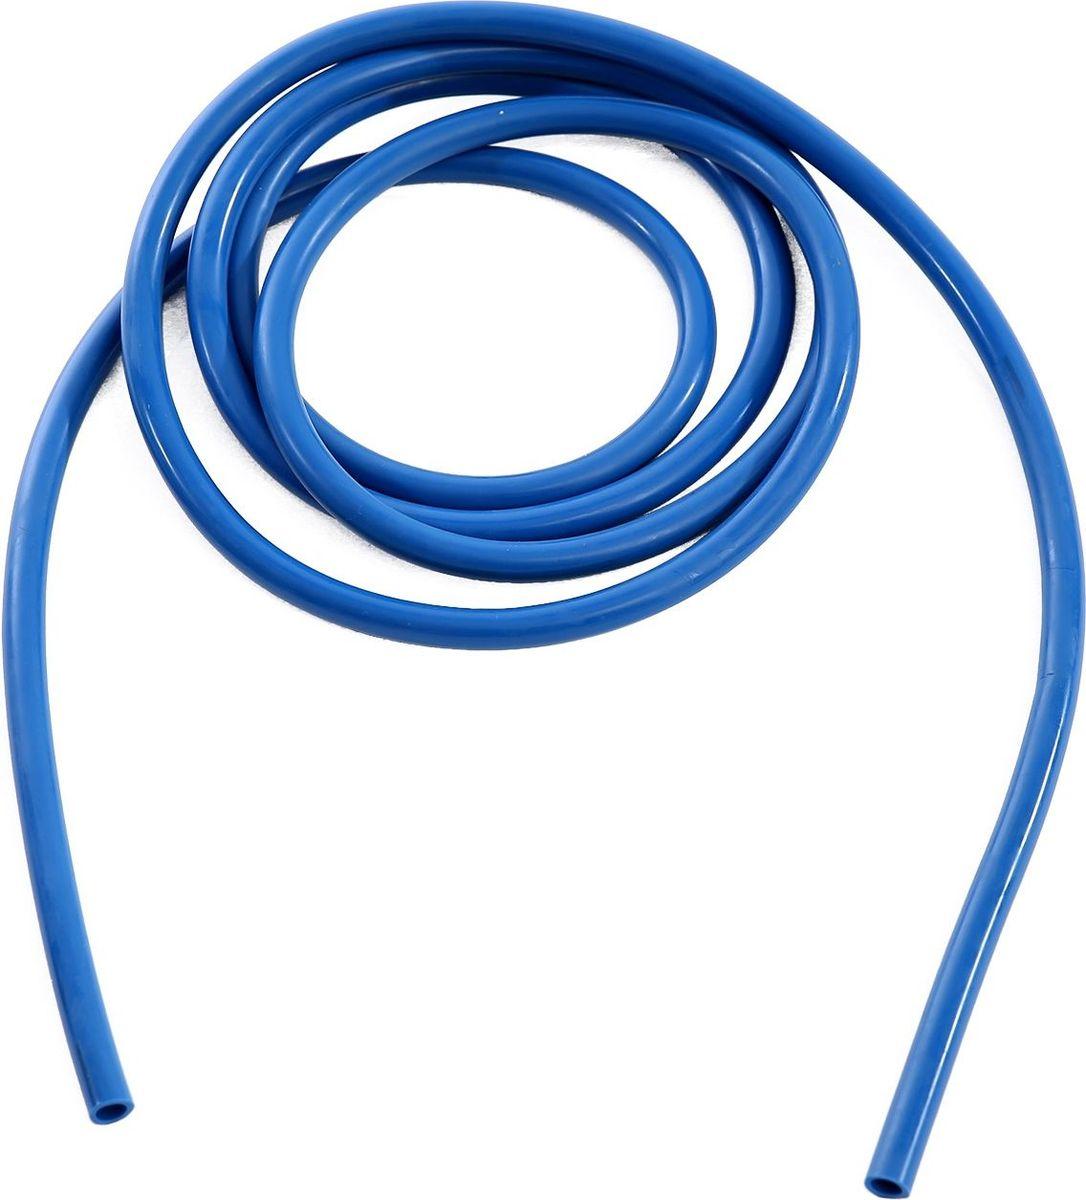 Эспандер Starfit ES-608, силовой, цвет: синий, 9-11 кгУТ-00009809Эспандер силовой Starfit ES-608 – многофункциональный аксессуар для фитнеса. Широко применяется любителями, заслужил доверие профессиональных спортсменов. Комплексно прорабатывает все основные группы мышц под любым углом без риска травмы, заменяя собой десятки дорогих стационарных тренажеров. Компактность эспандера позволяет тренироваться в любом месте и в любое время.